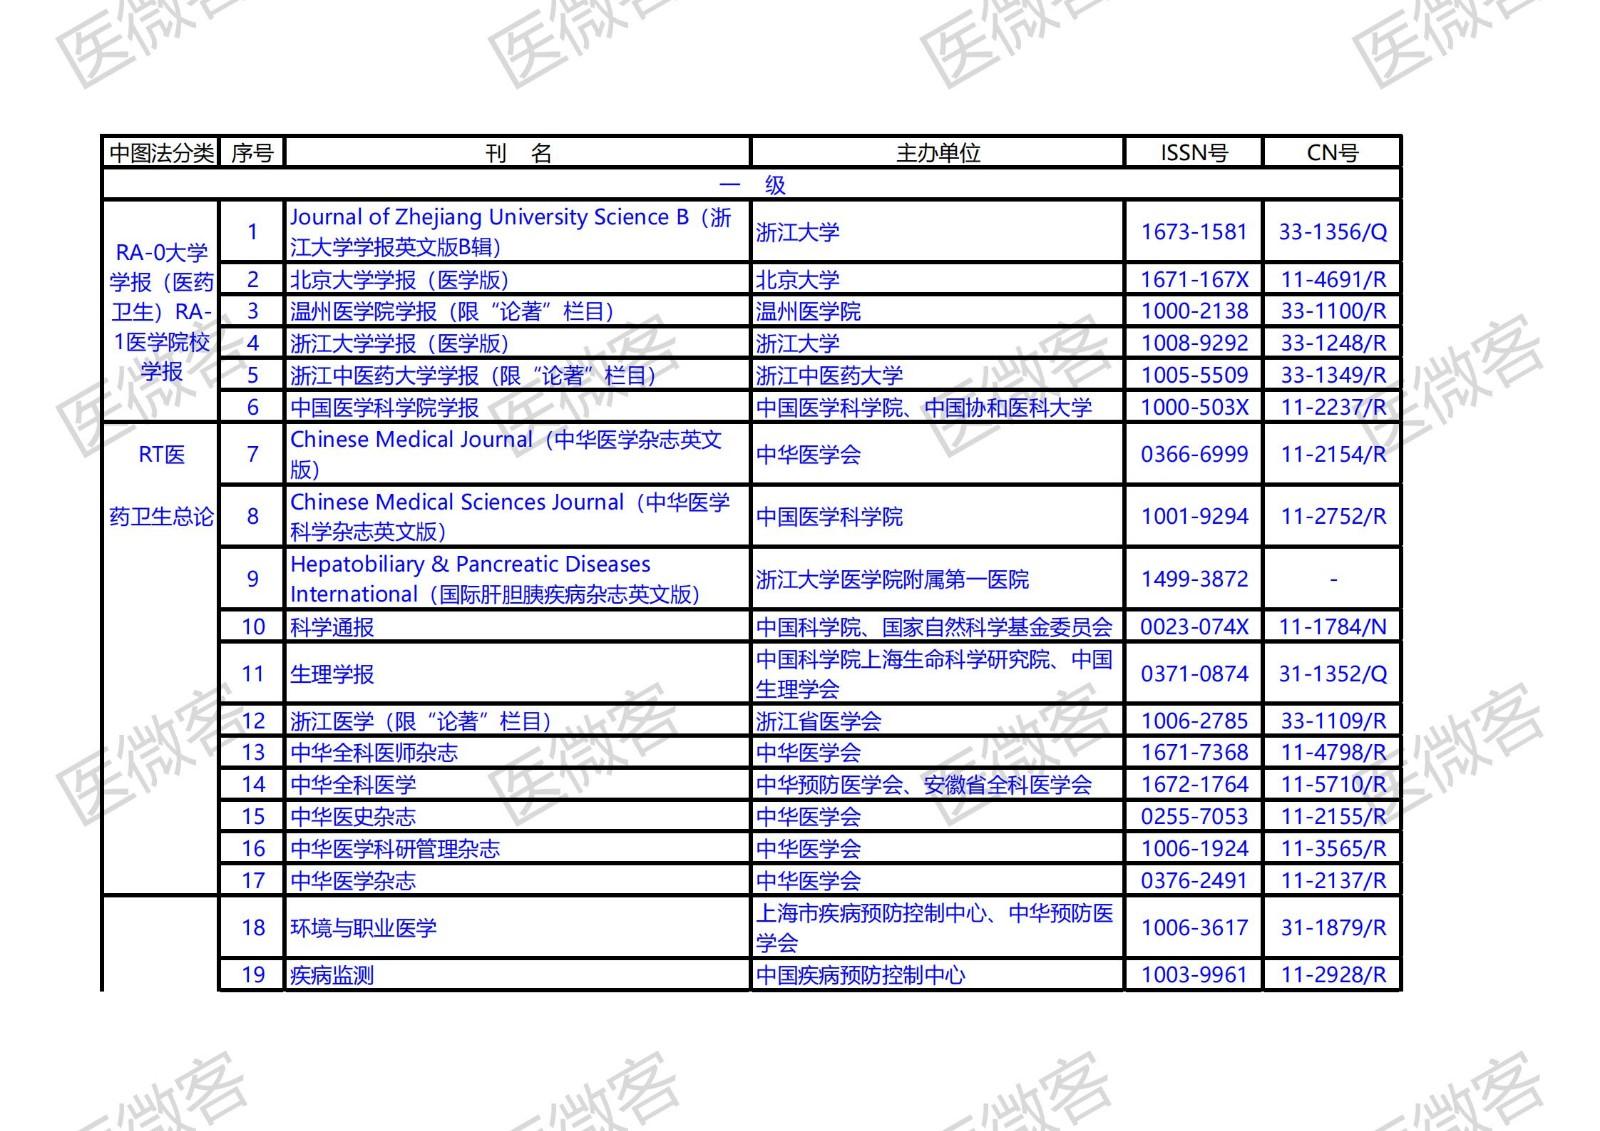 浙江省卫生厅《医学卫生刊物名录》